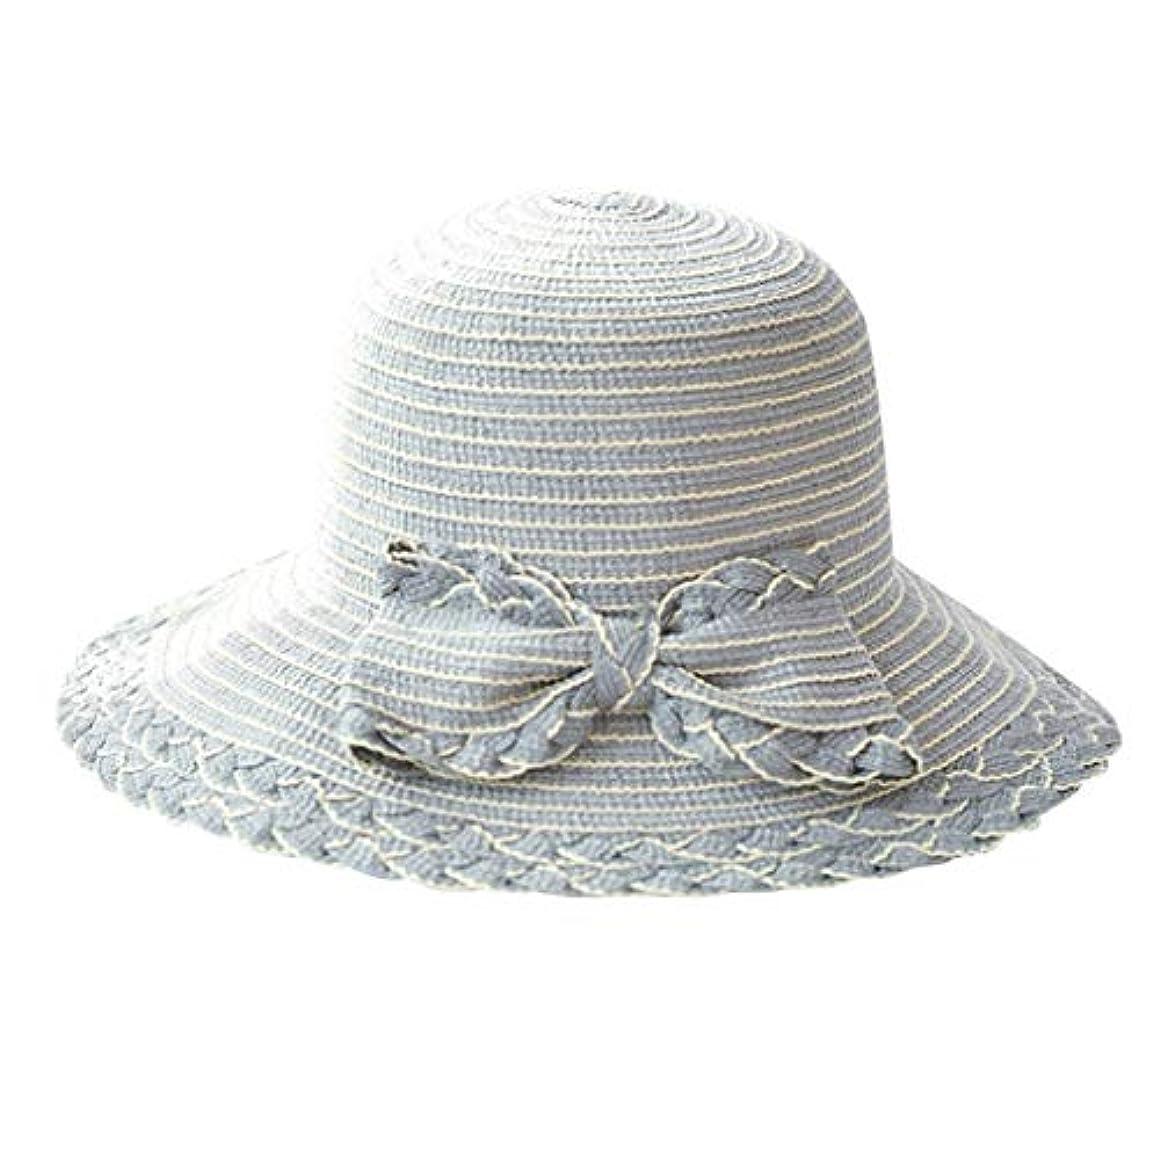 ゴシップ式追跡夏 帽子 レディース UVカット 帽子 ハット レディース 日よけ 夏季 女優帽 日よけ 日焼け 折りたたみ 持ち運び つば広 吸汗通気 ハット レディース 紫外線対策 小顔効果 ワイヤー入る ハット ROSE ROMAN